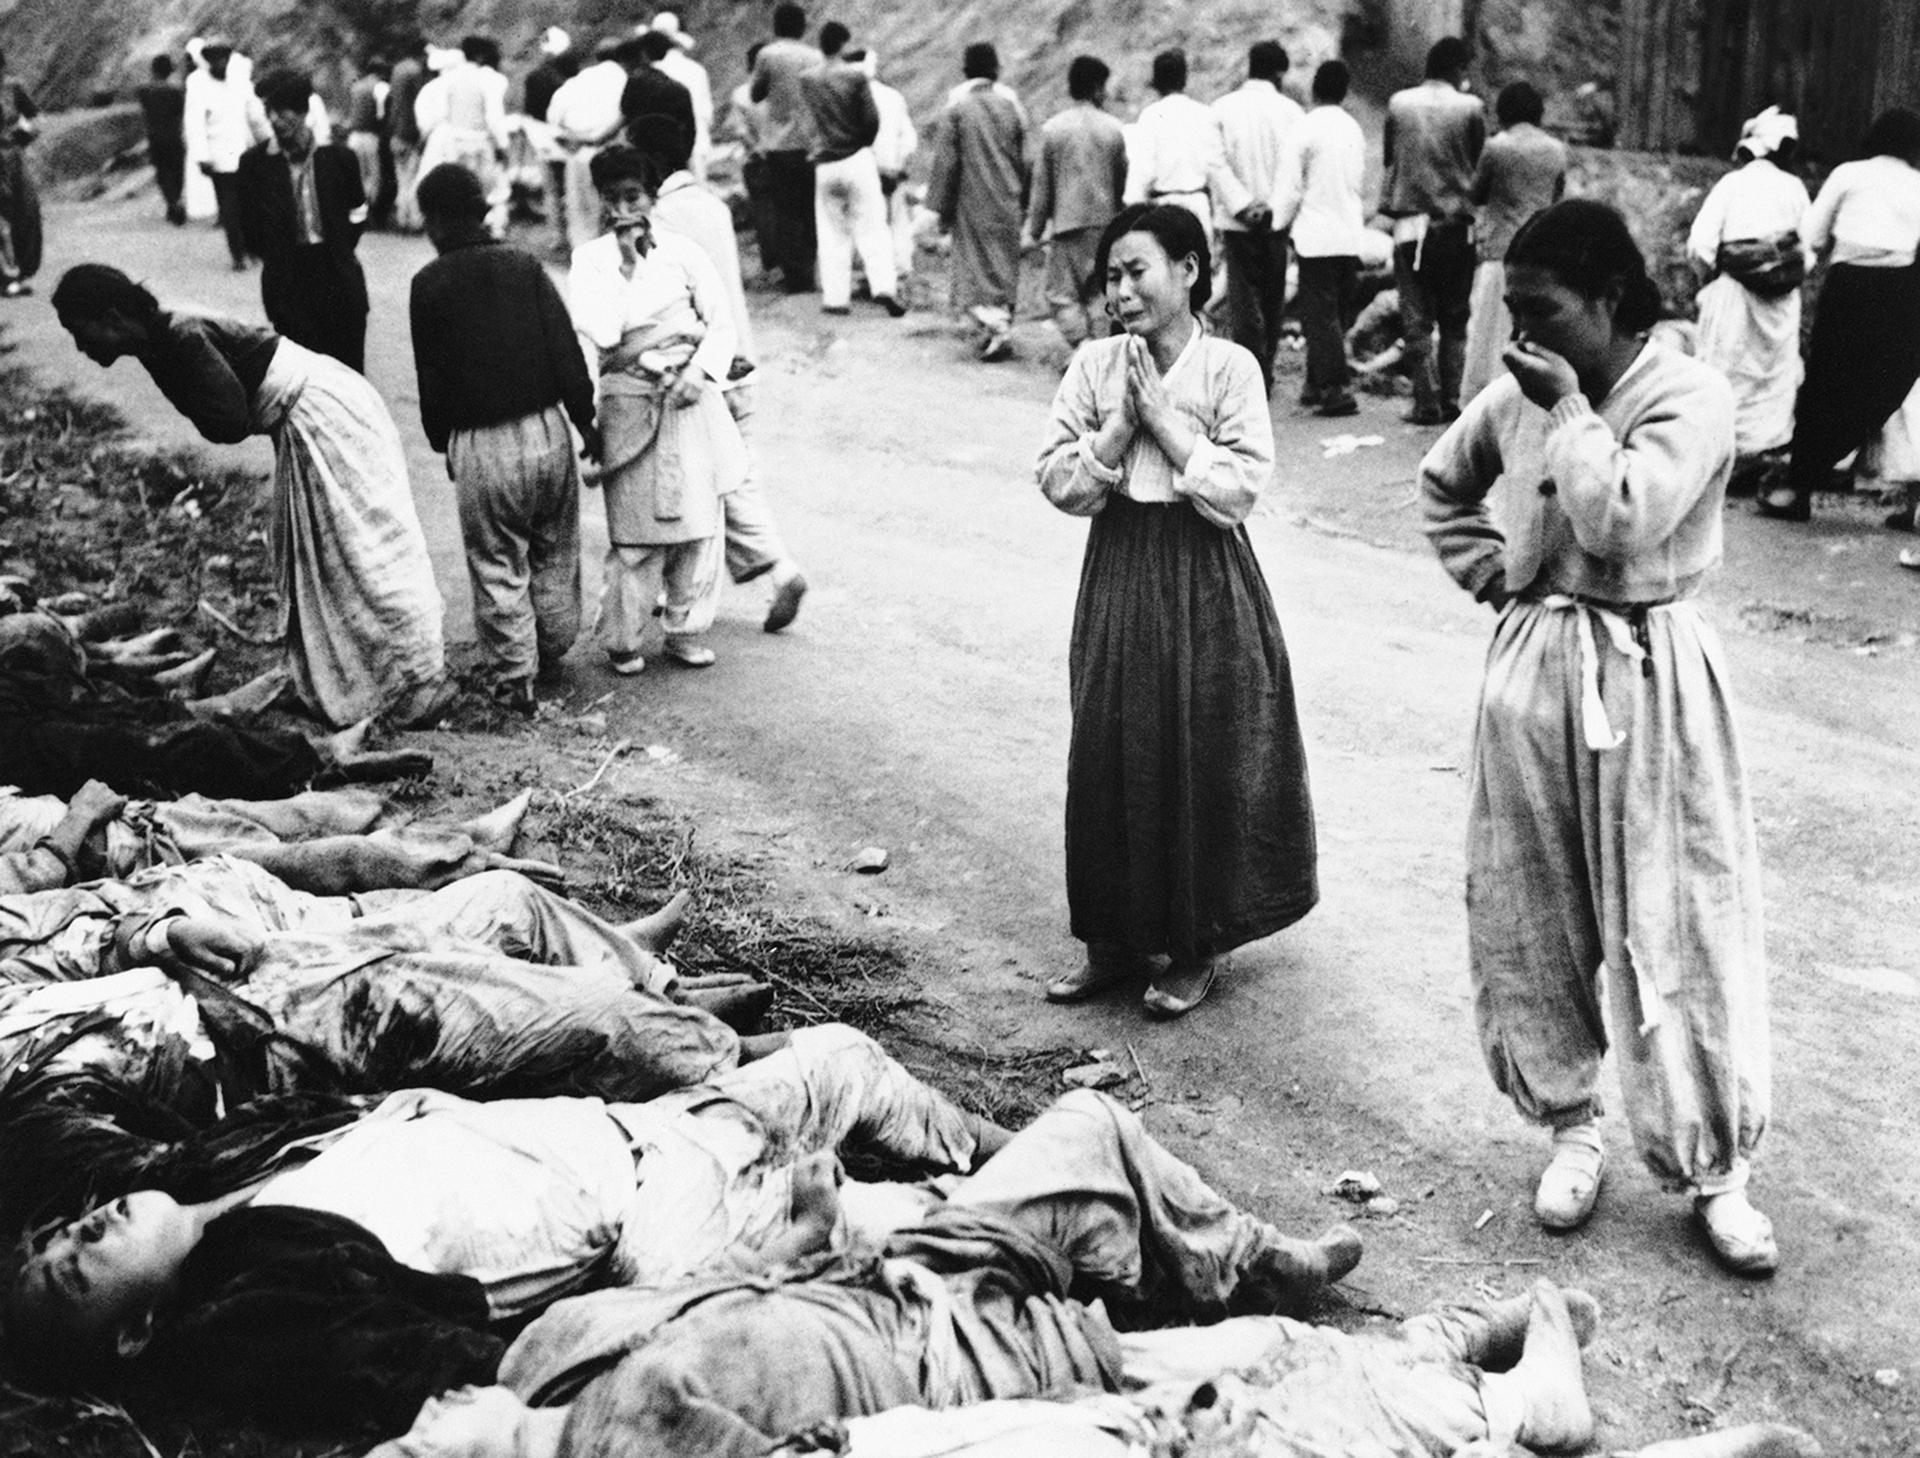 Mujeres coreanas lloran a medida que identifican cuerpos el 28 de octubre de 1953. El ejército dijo que las víctimas estaban entre los prisioneros políticos asesinados por asfixia por los comunistas fuera Hambung, Corea. El Ejército dijo que las víctimas eran forzadas a meterse dentro cuevas que luego eran selladas (AP)